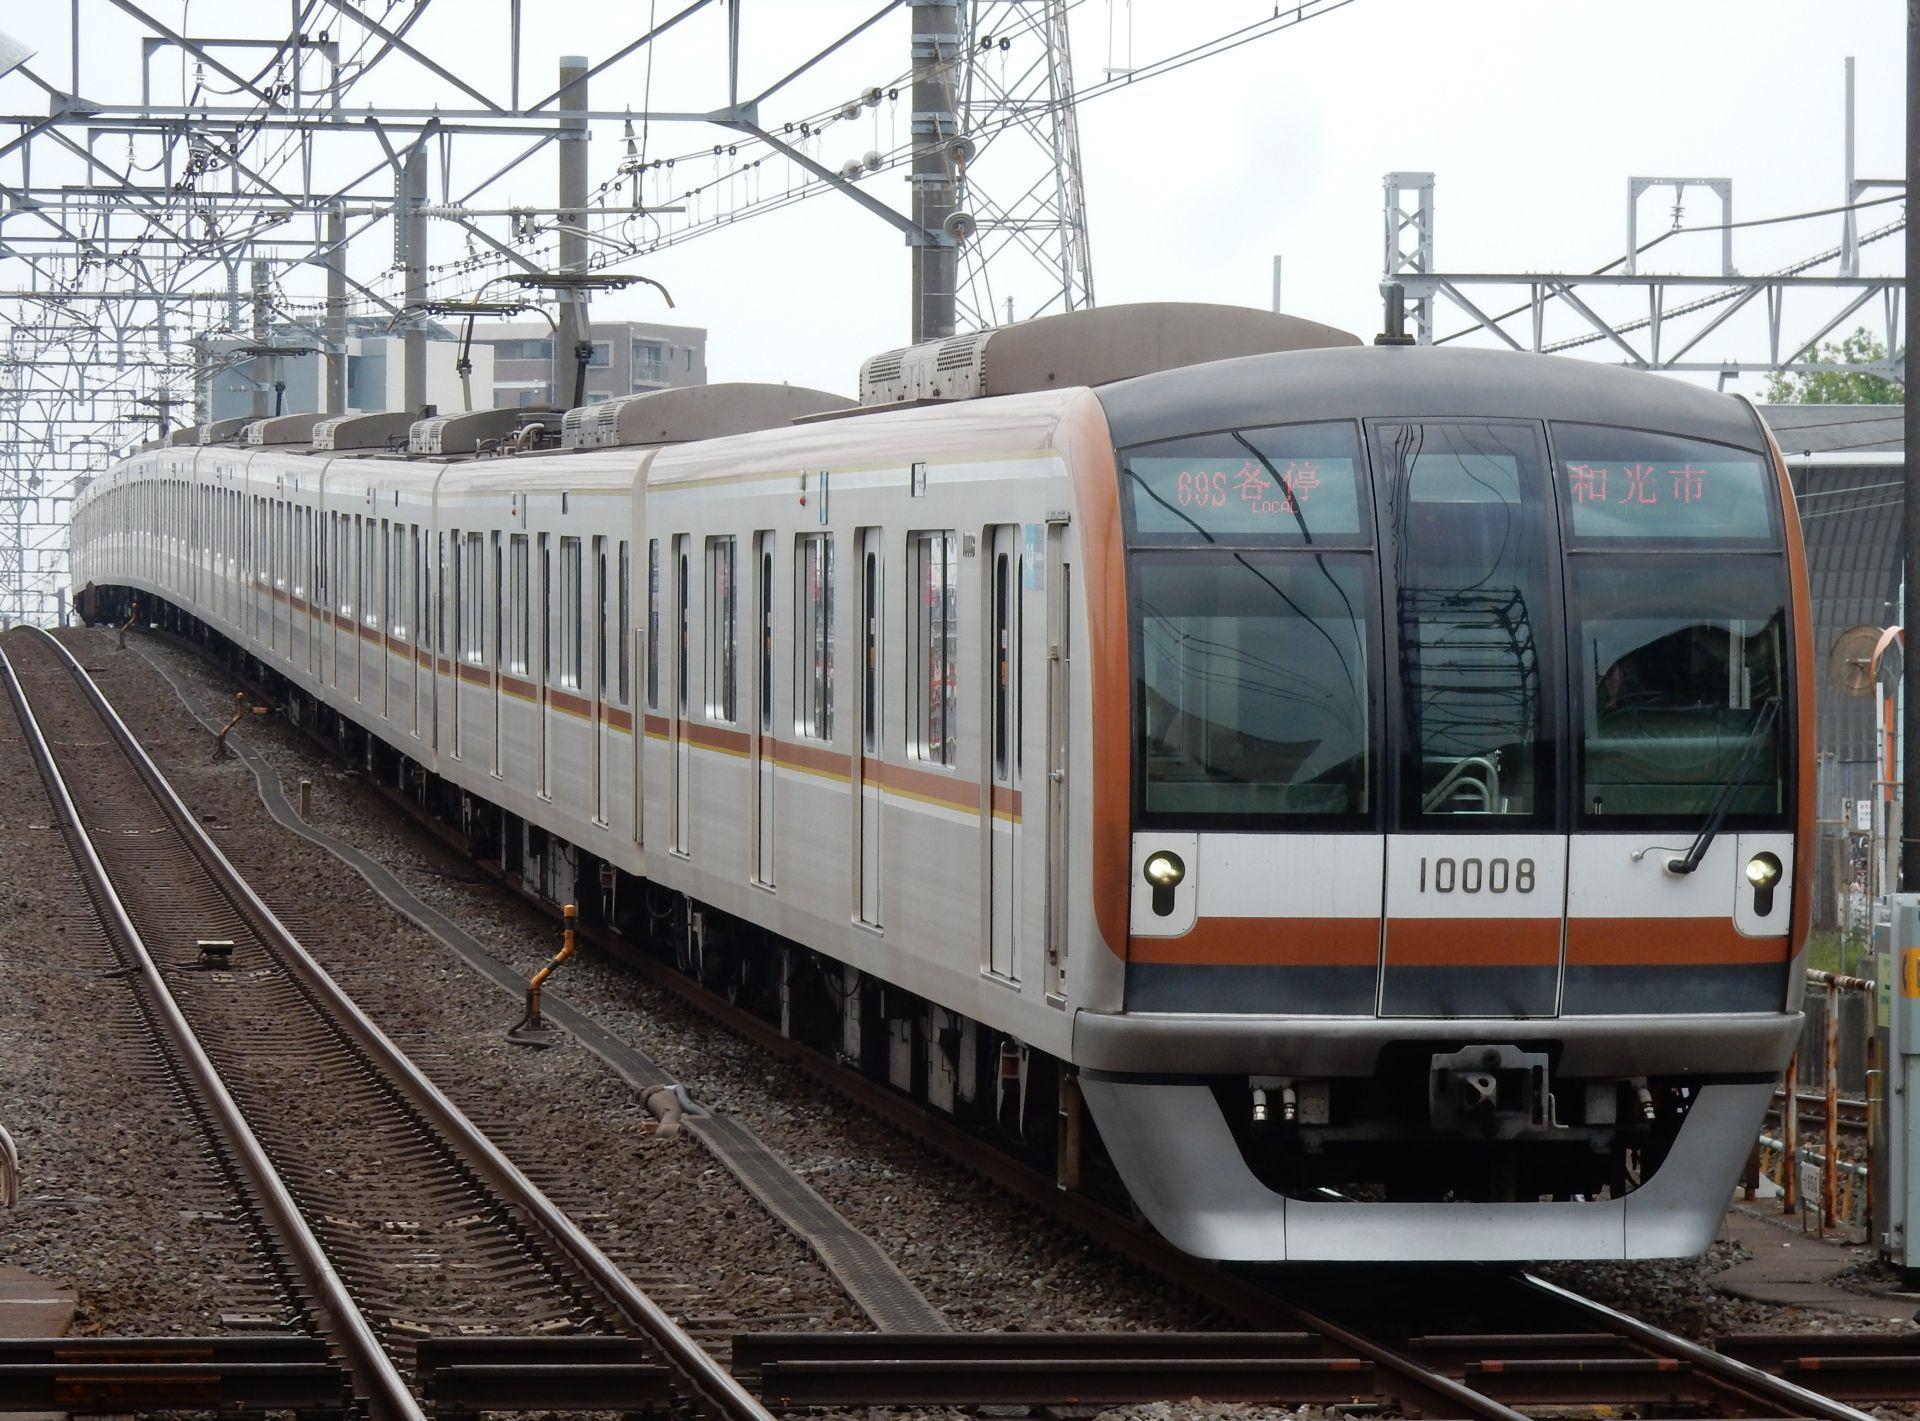 DSCN8748 - コピー